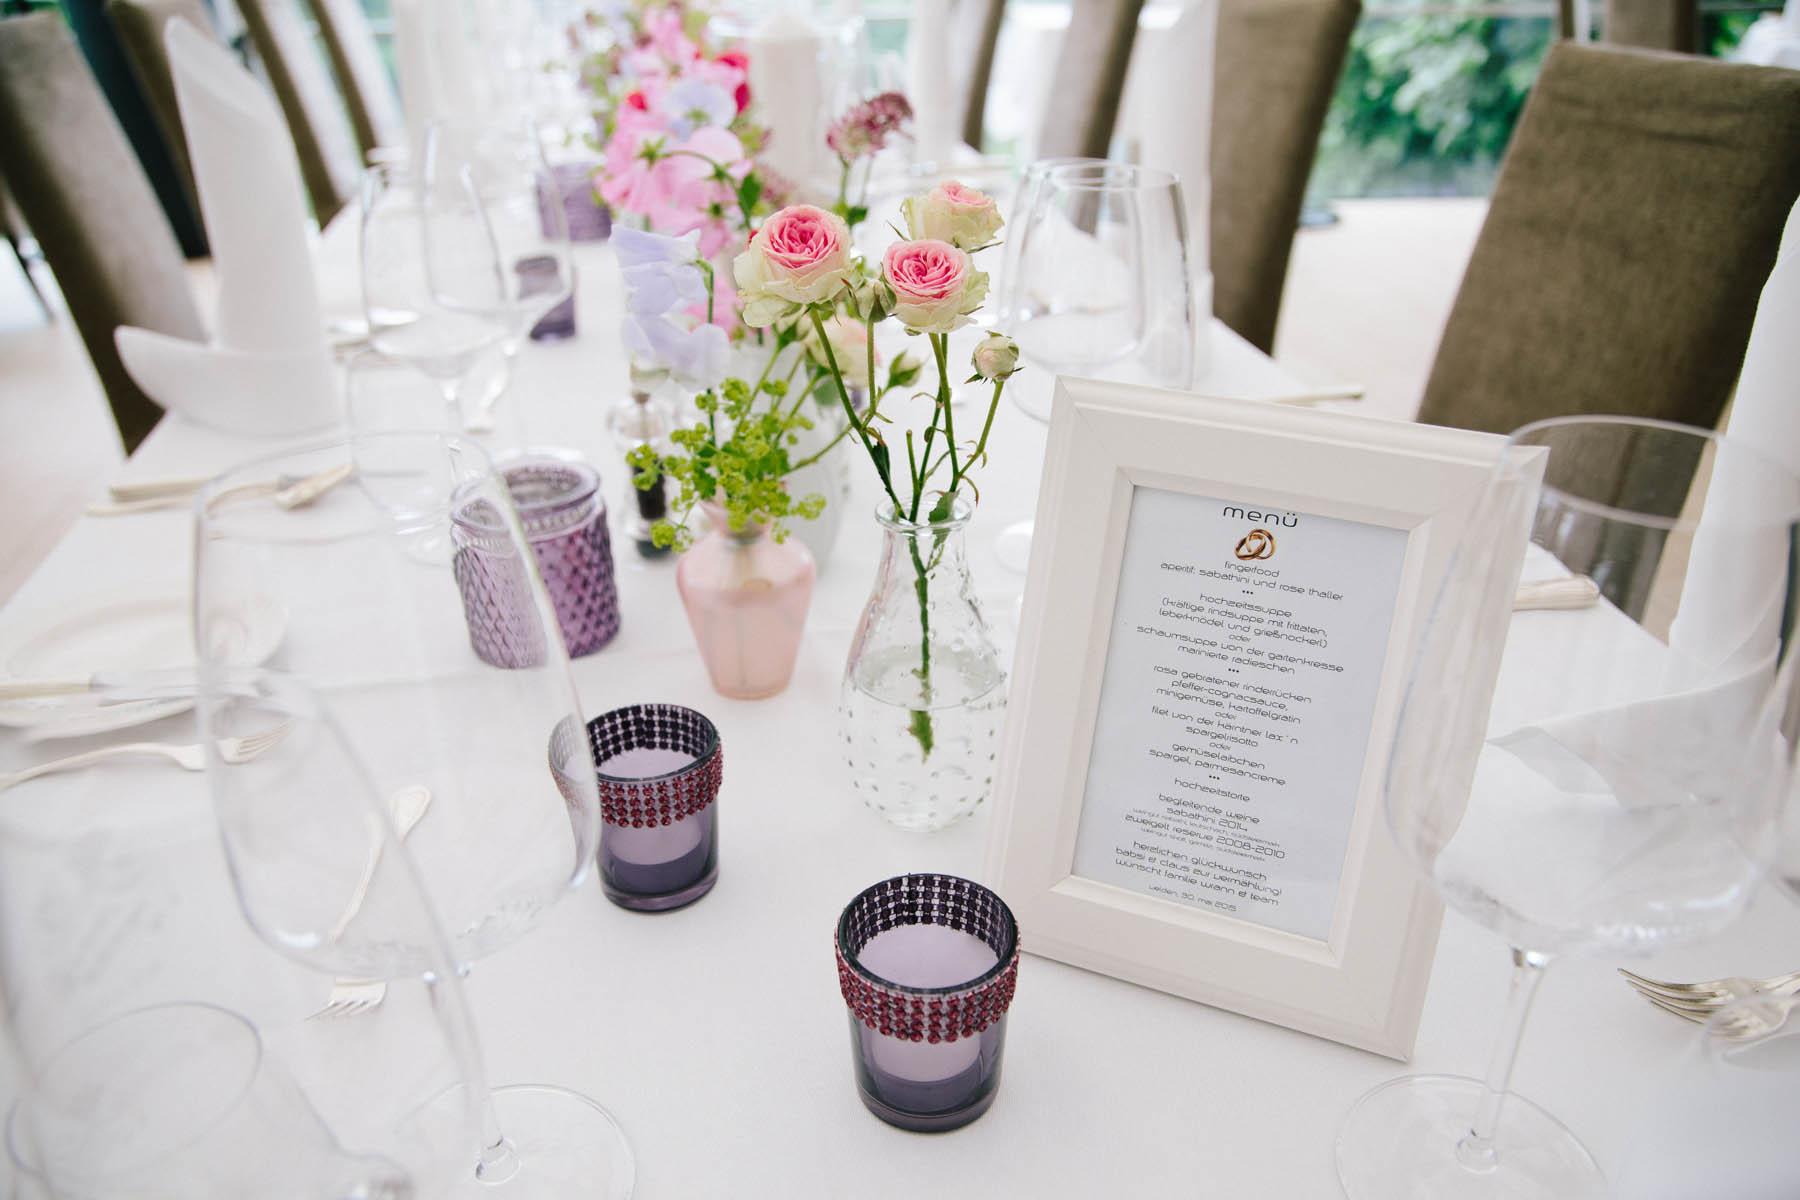 Hochzeitsmenü karten am Tisch